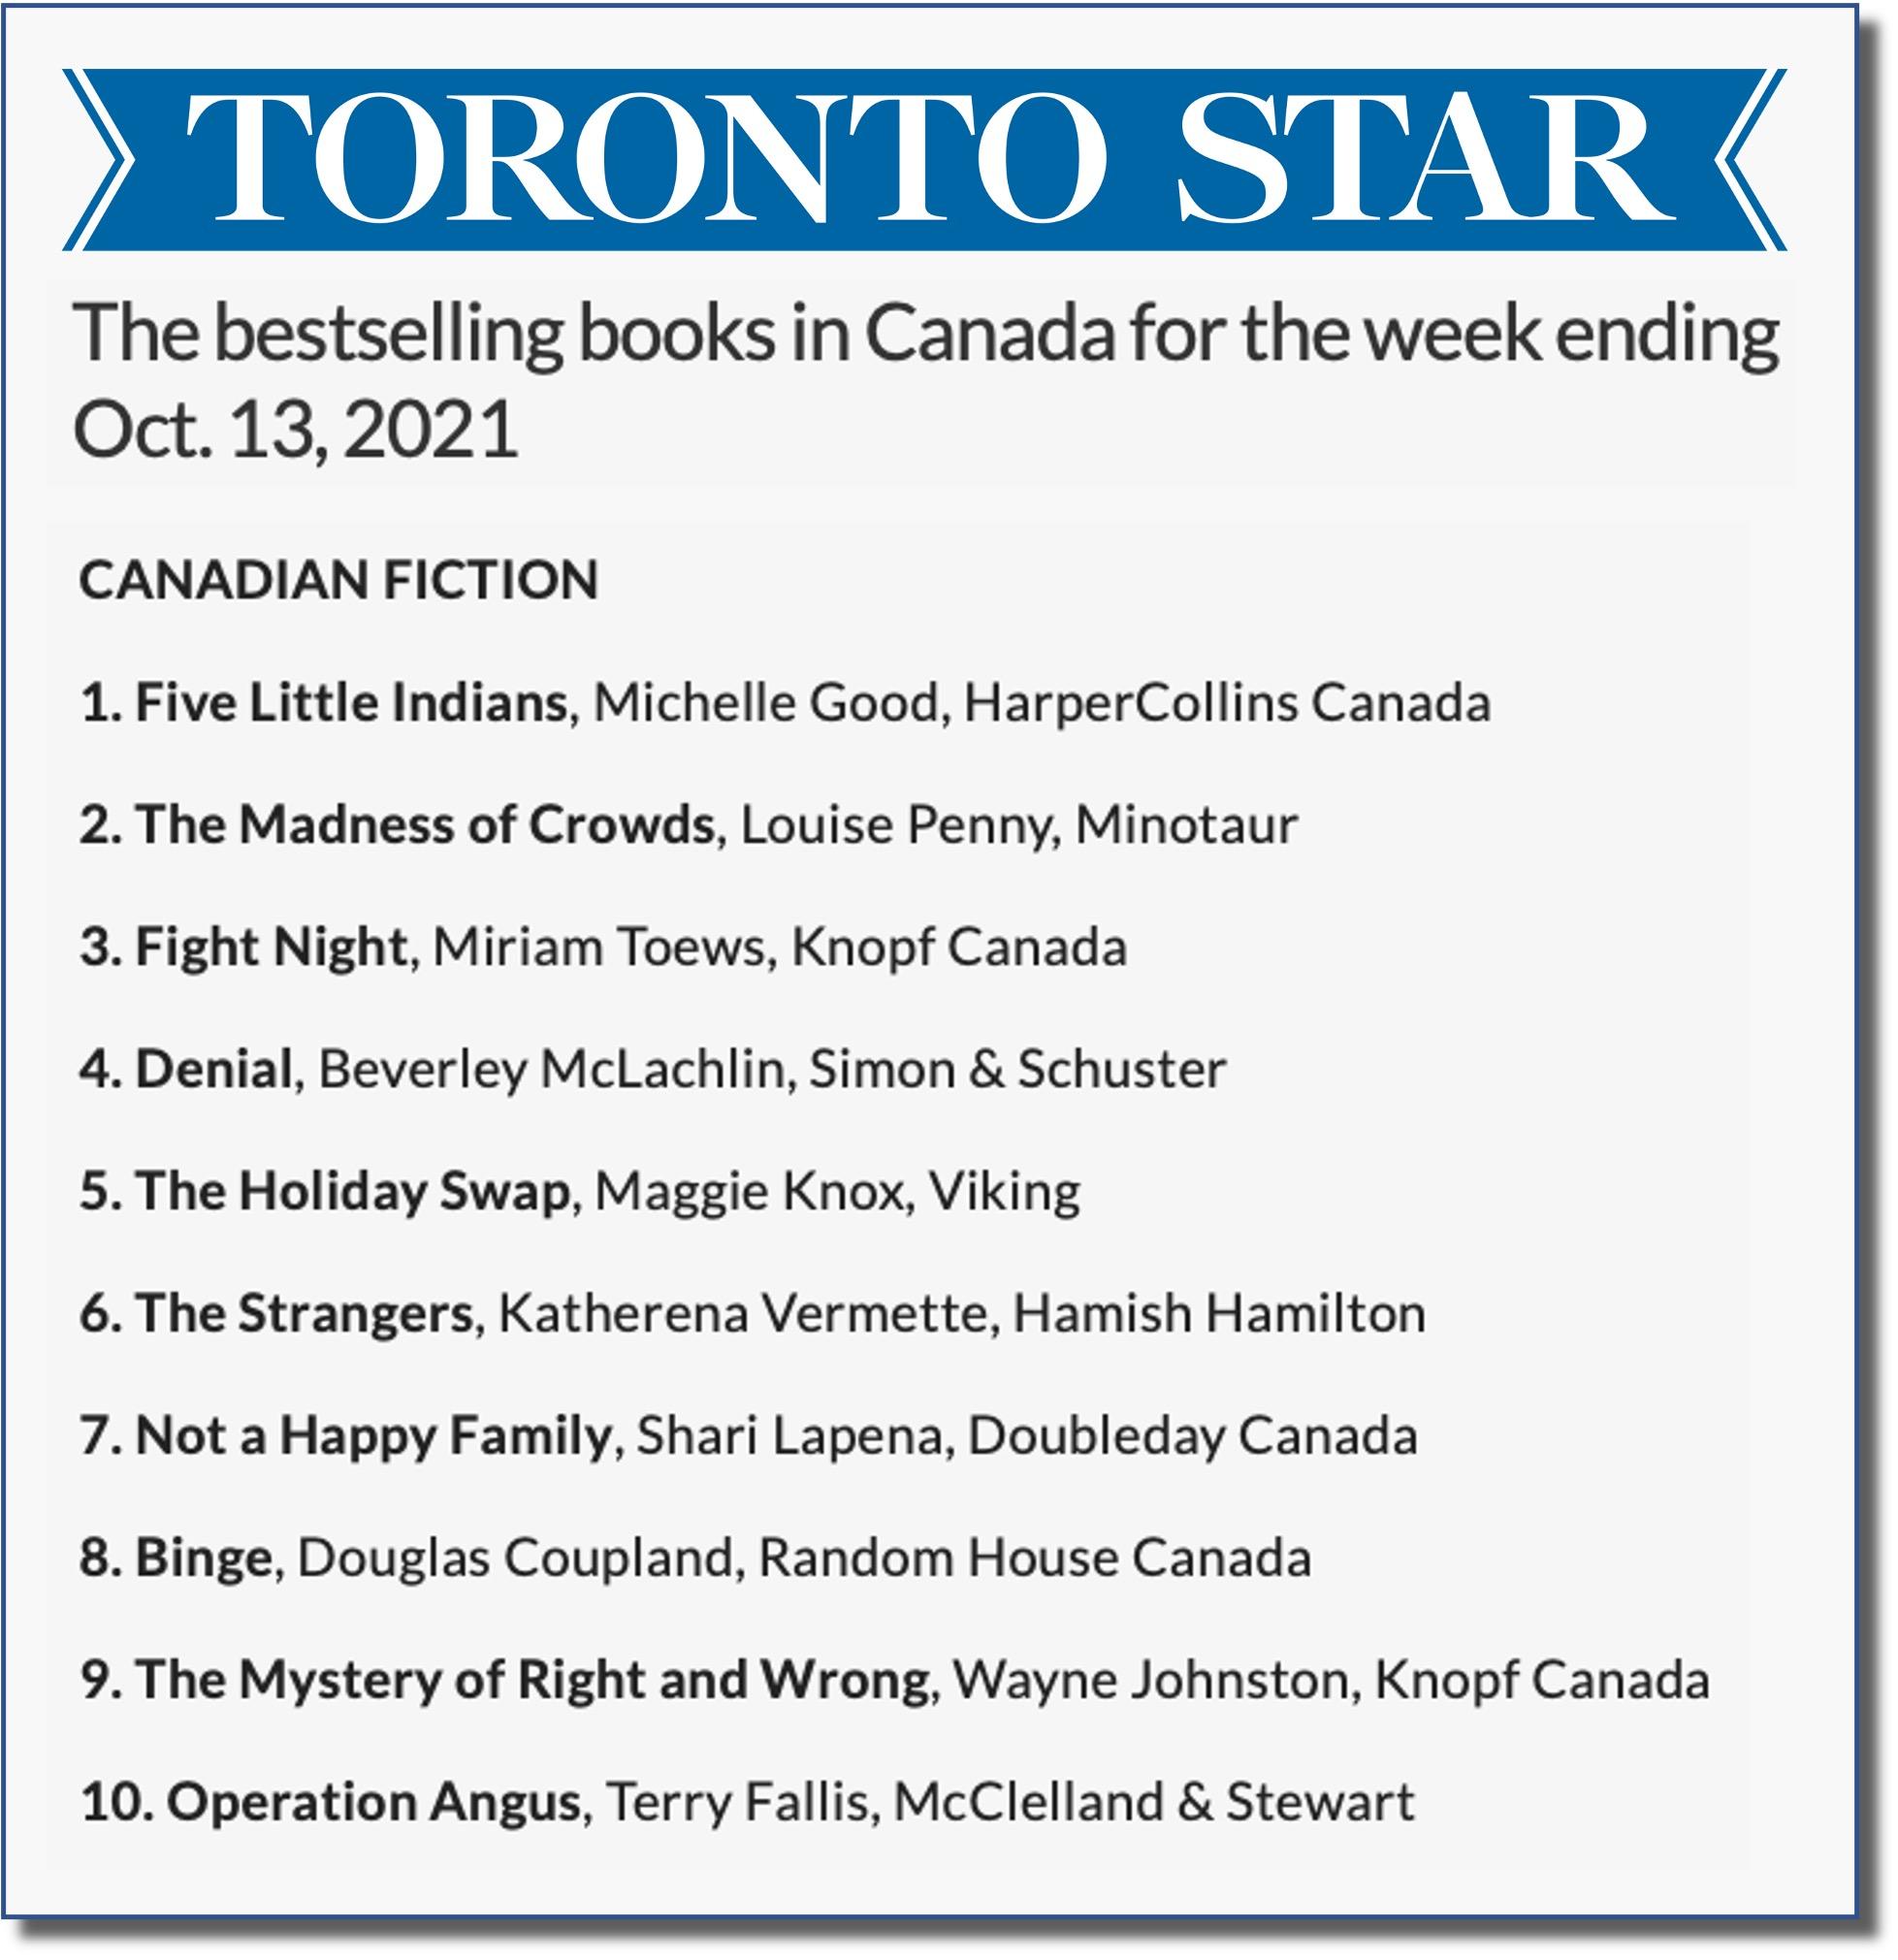 Toronto Star Oct 13